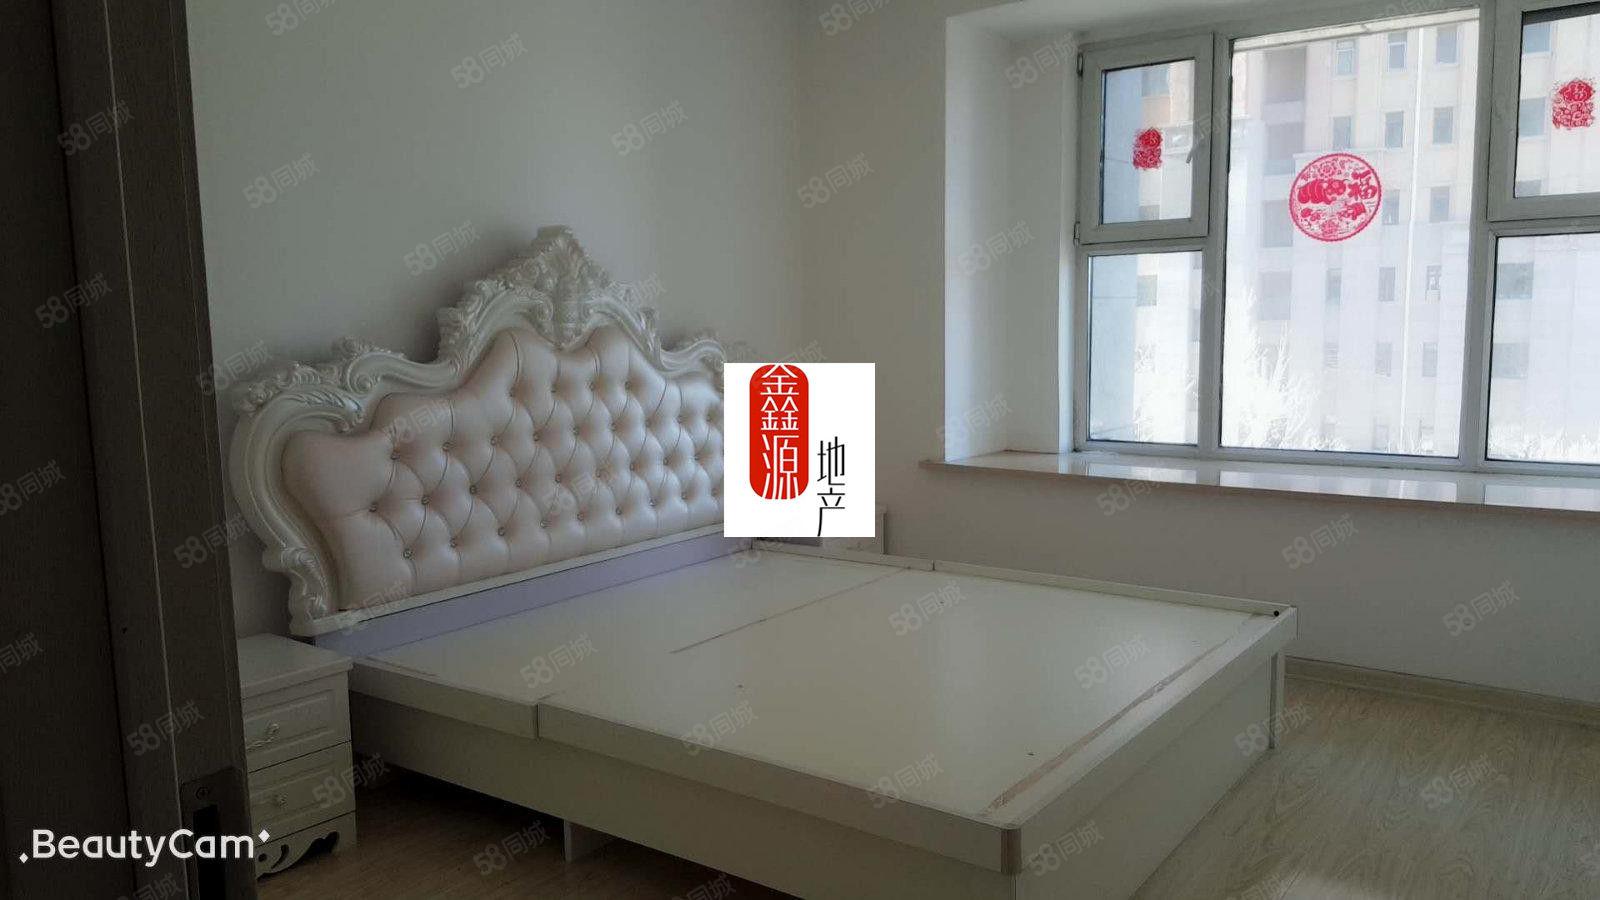 鑫源地产御园小区精装温馨板正大两居婚房,设施齐全拎包即住